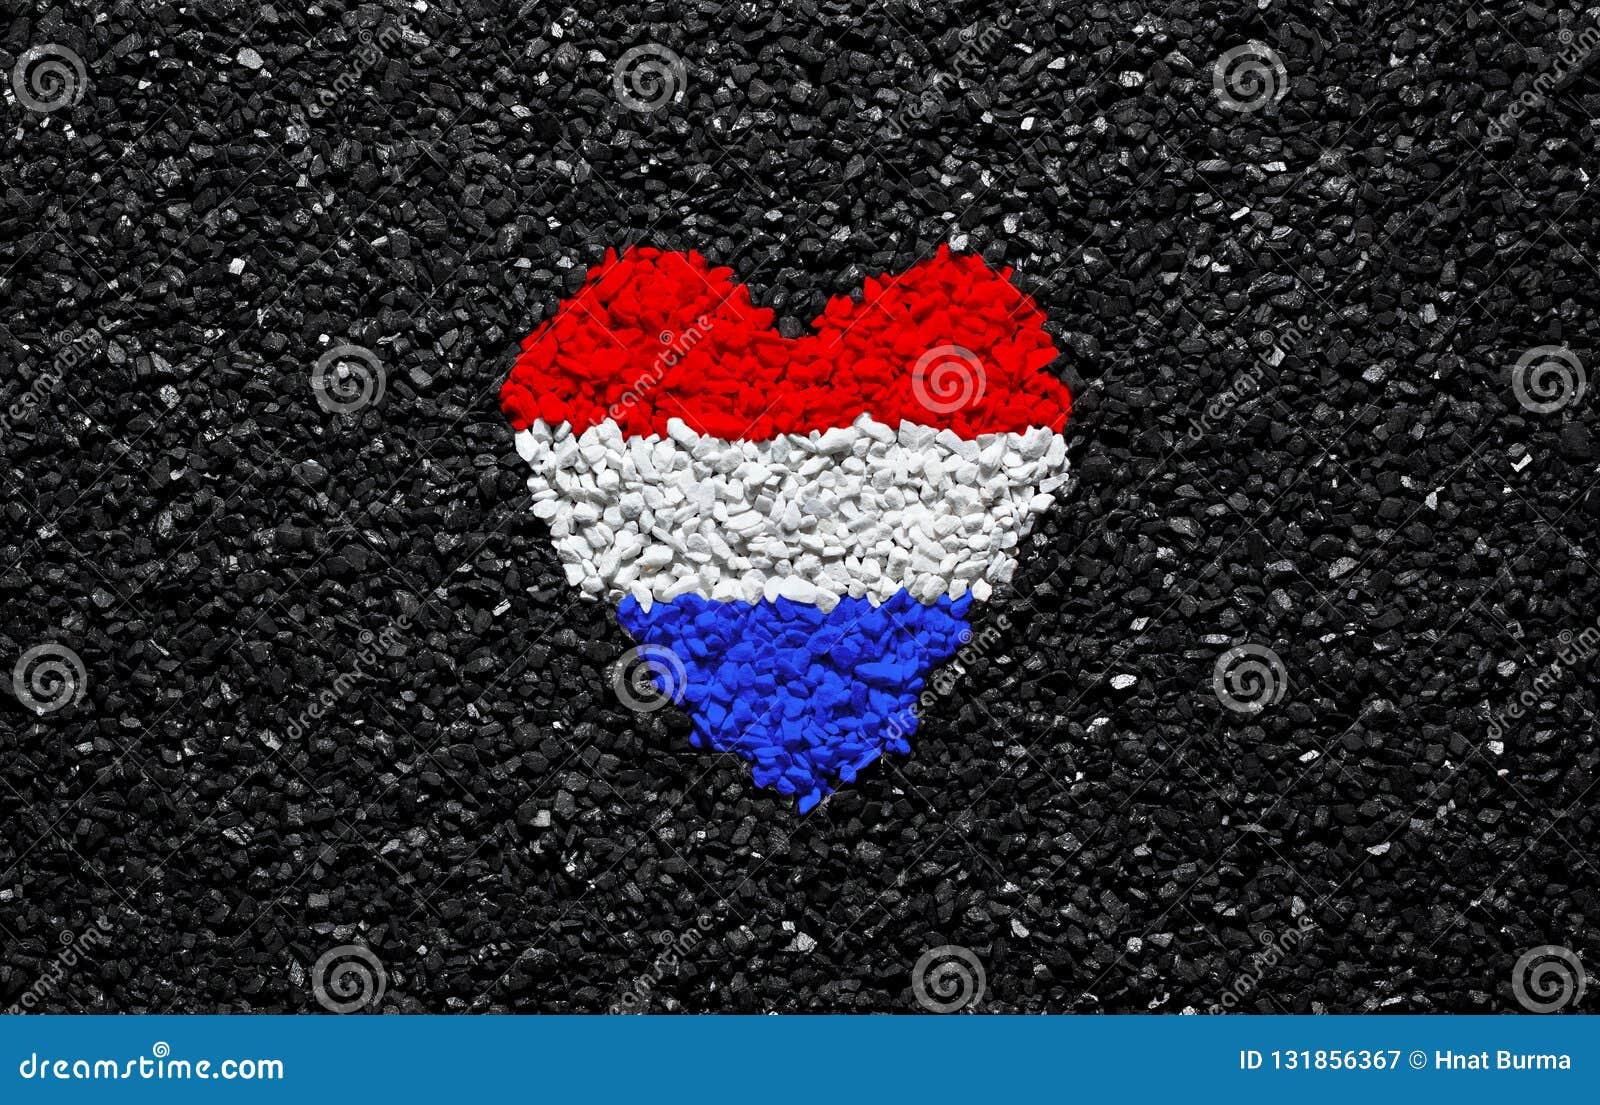 Flag Of Netherlands Heart On The Black Background Stones Gravel